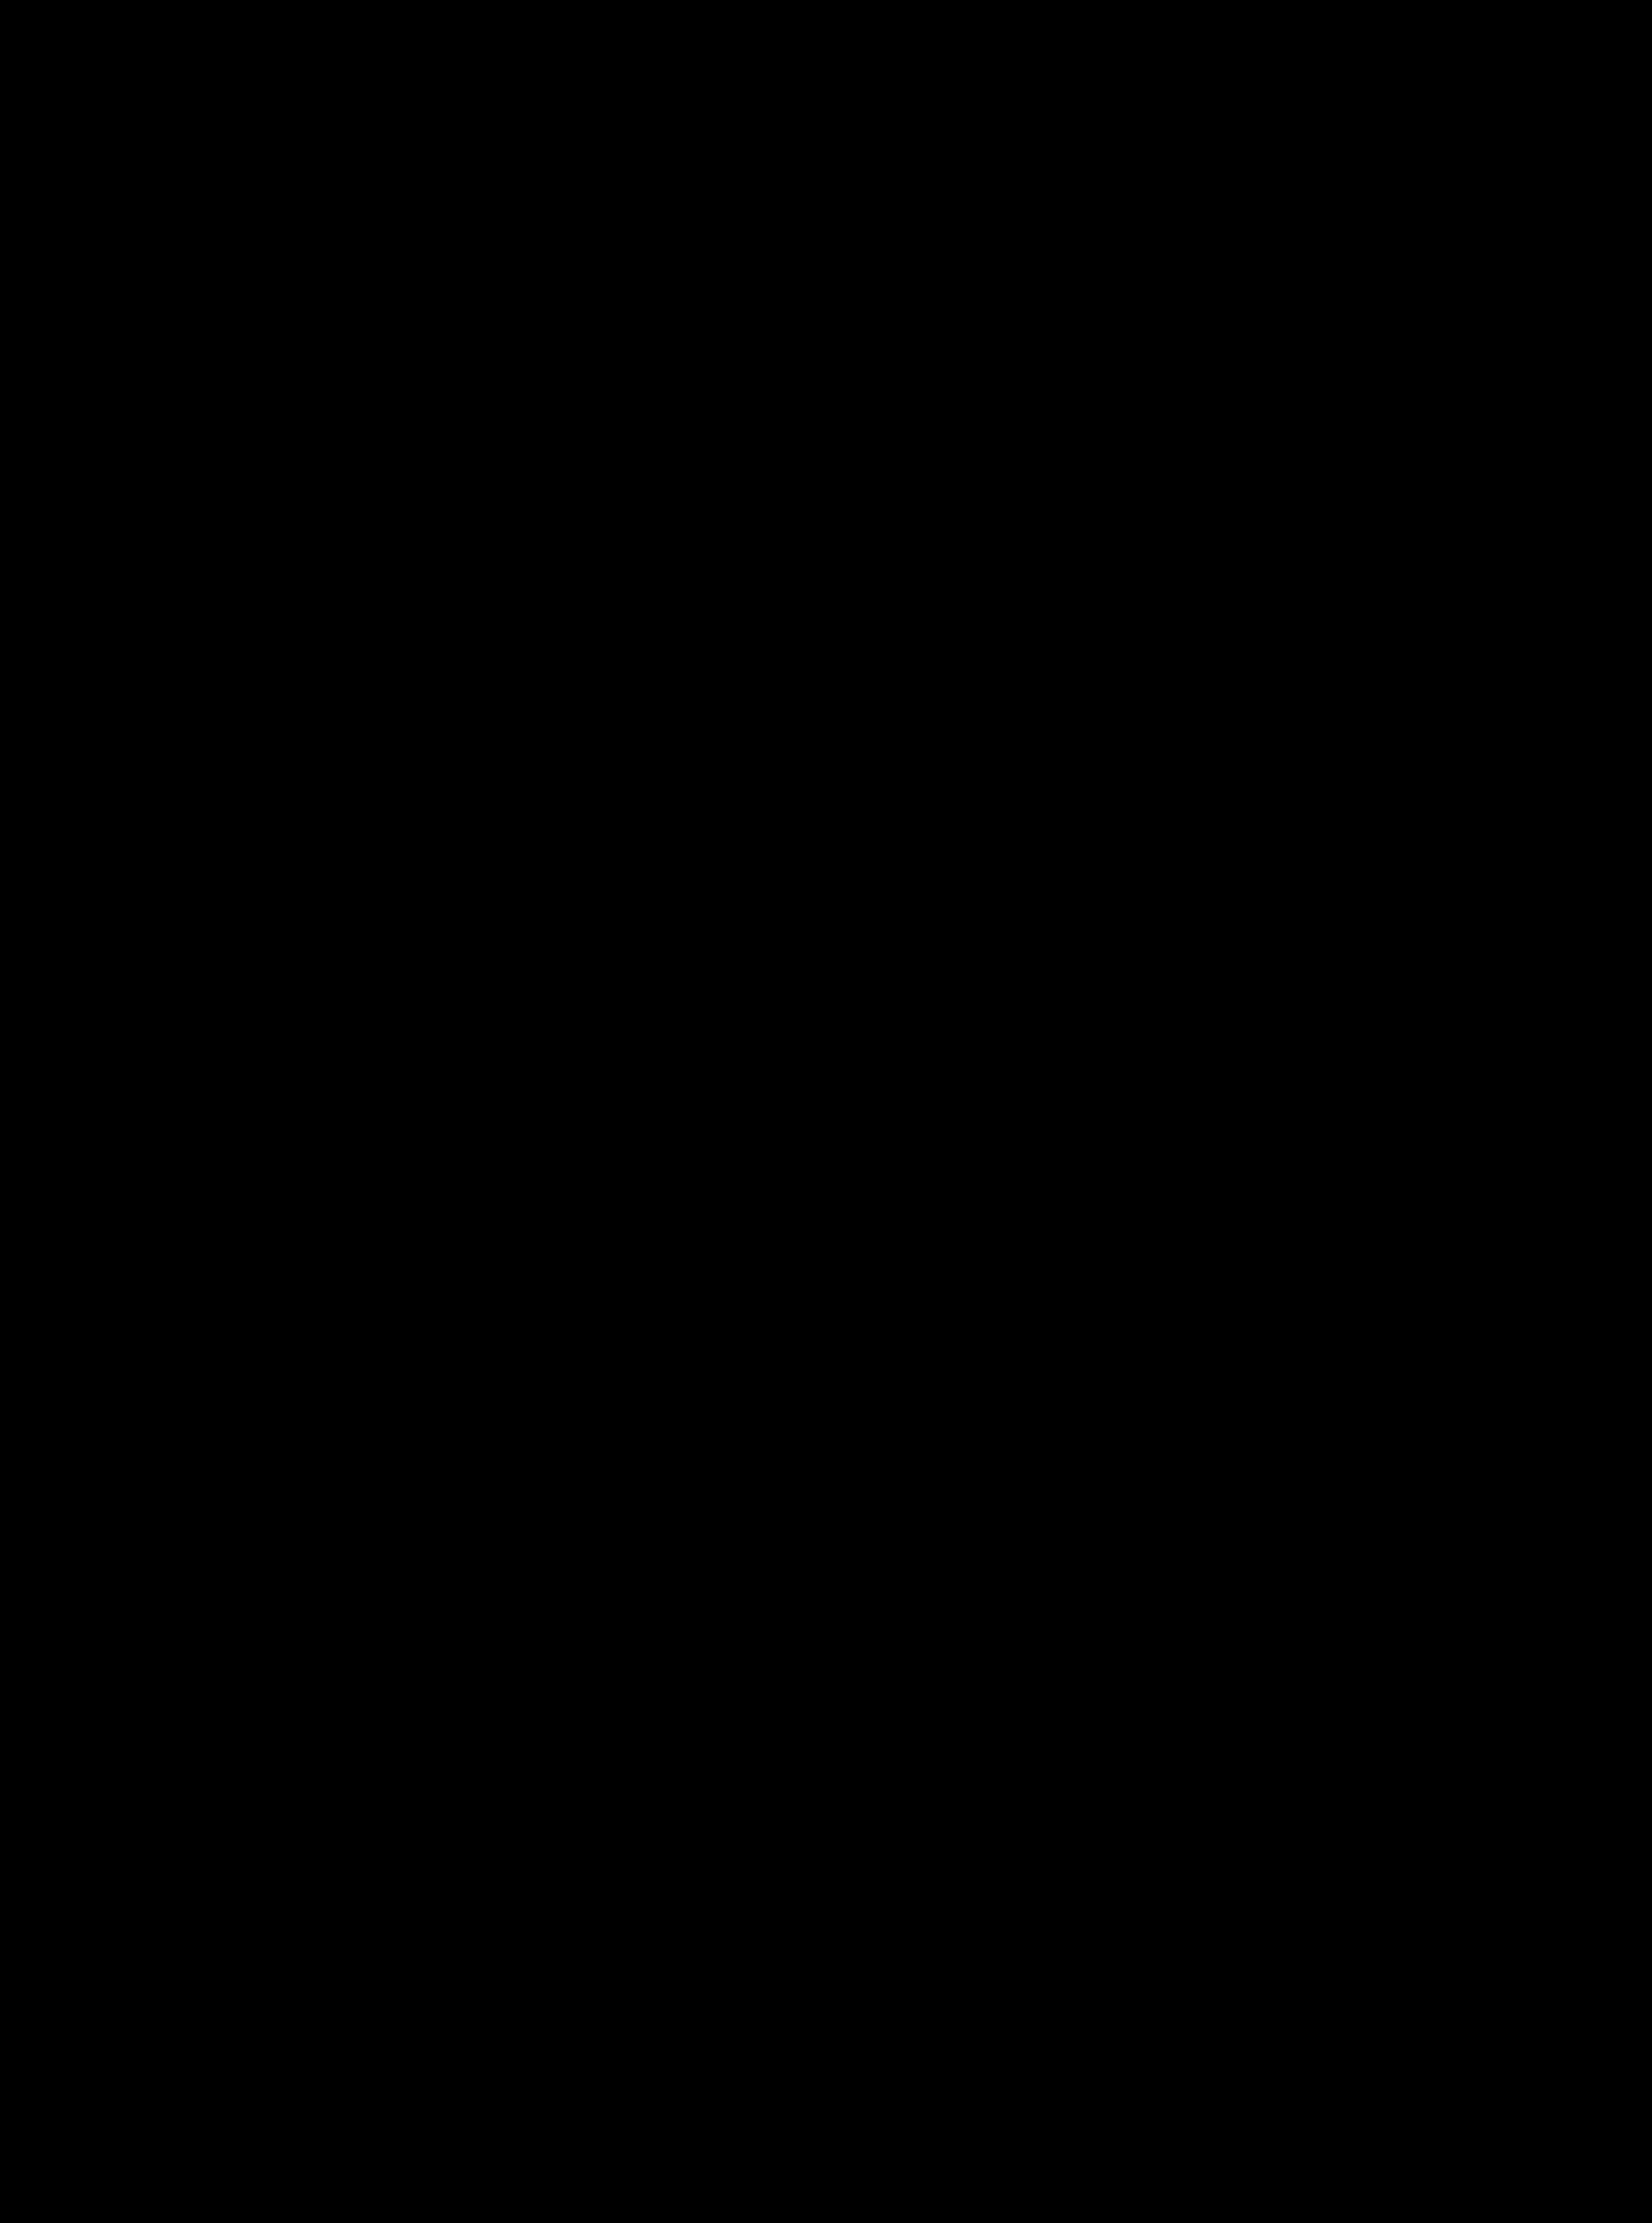 QIPRU